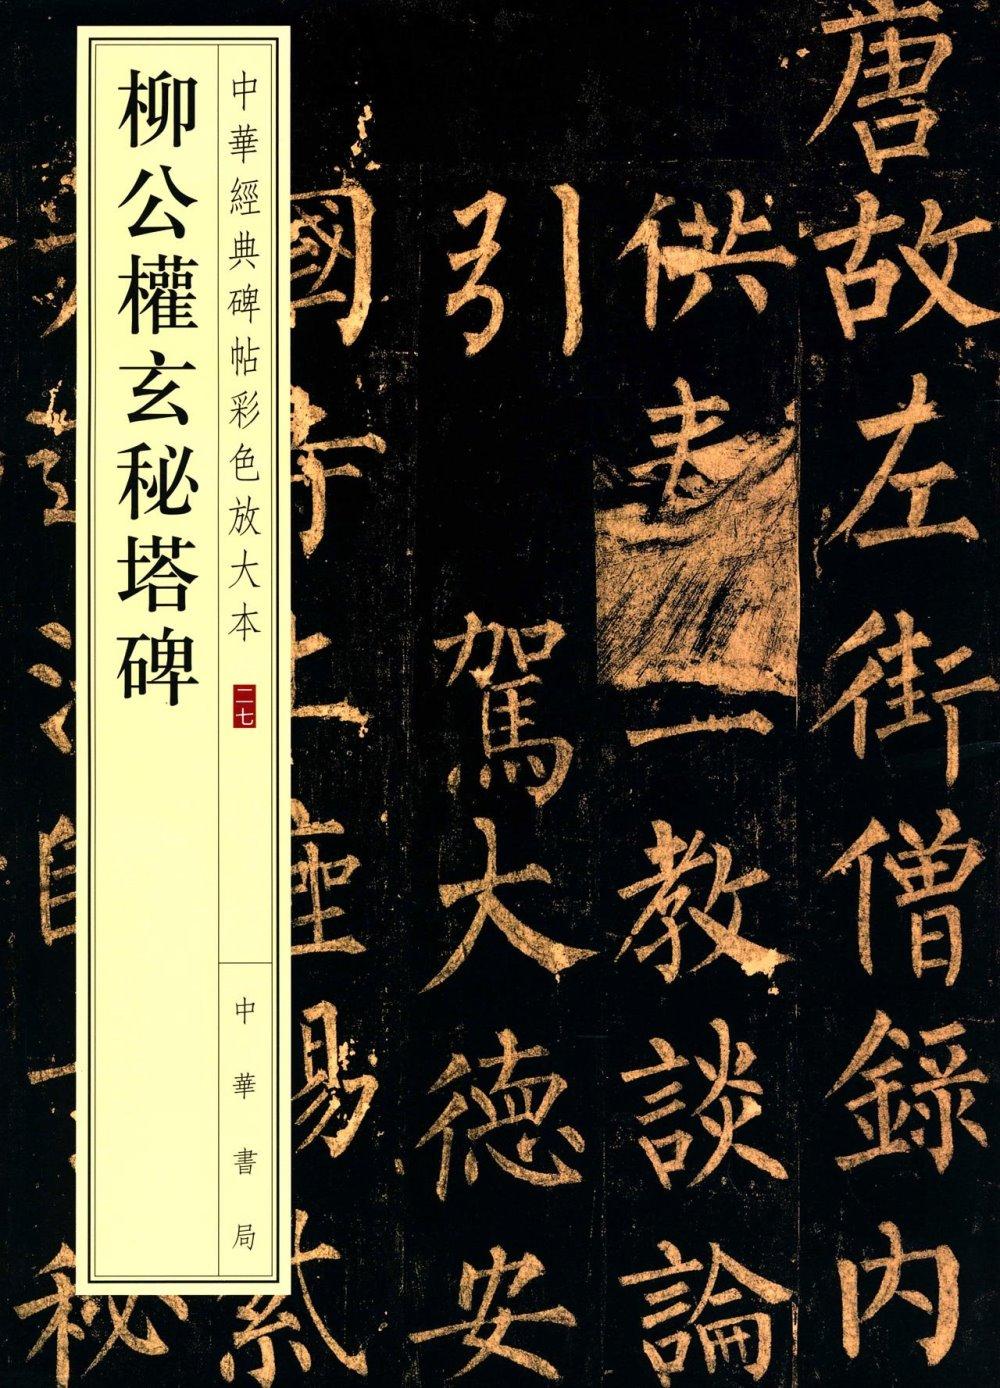 中華經典碑帖彩色放大本:柳公權玄秘塔碑